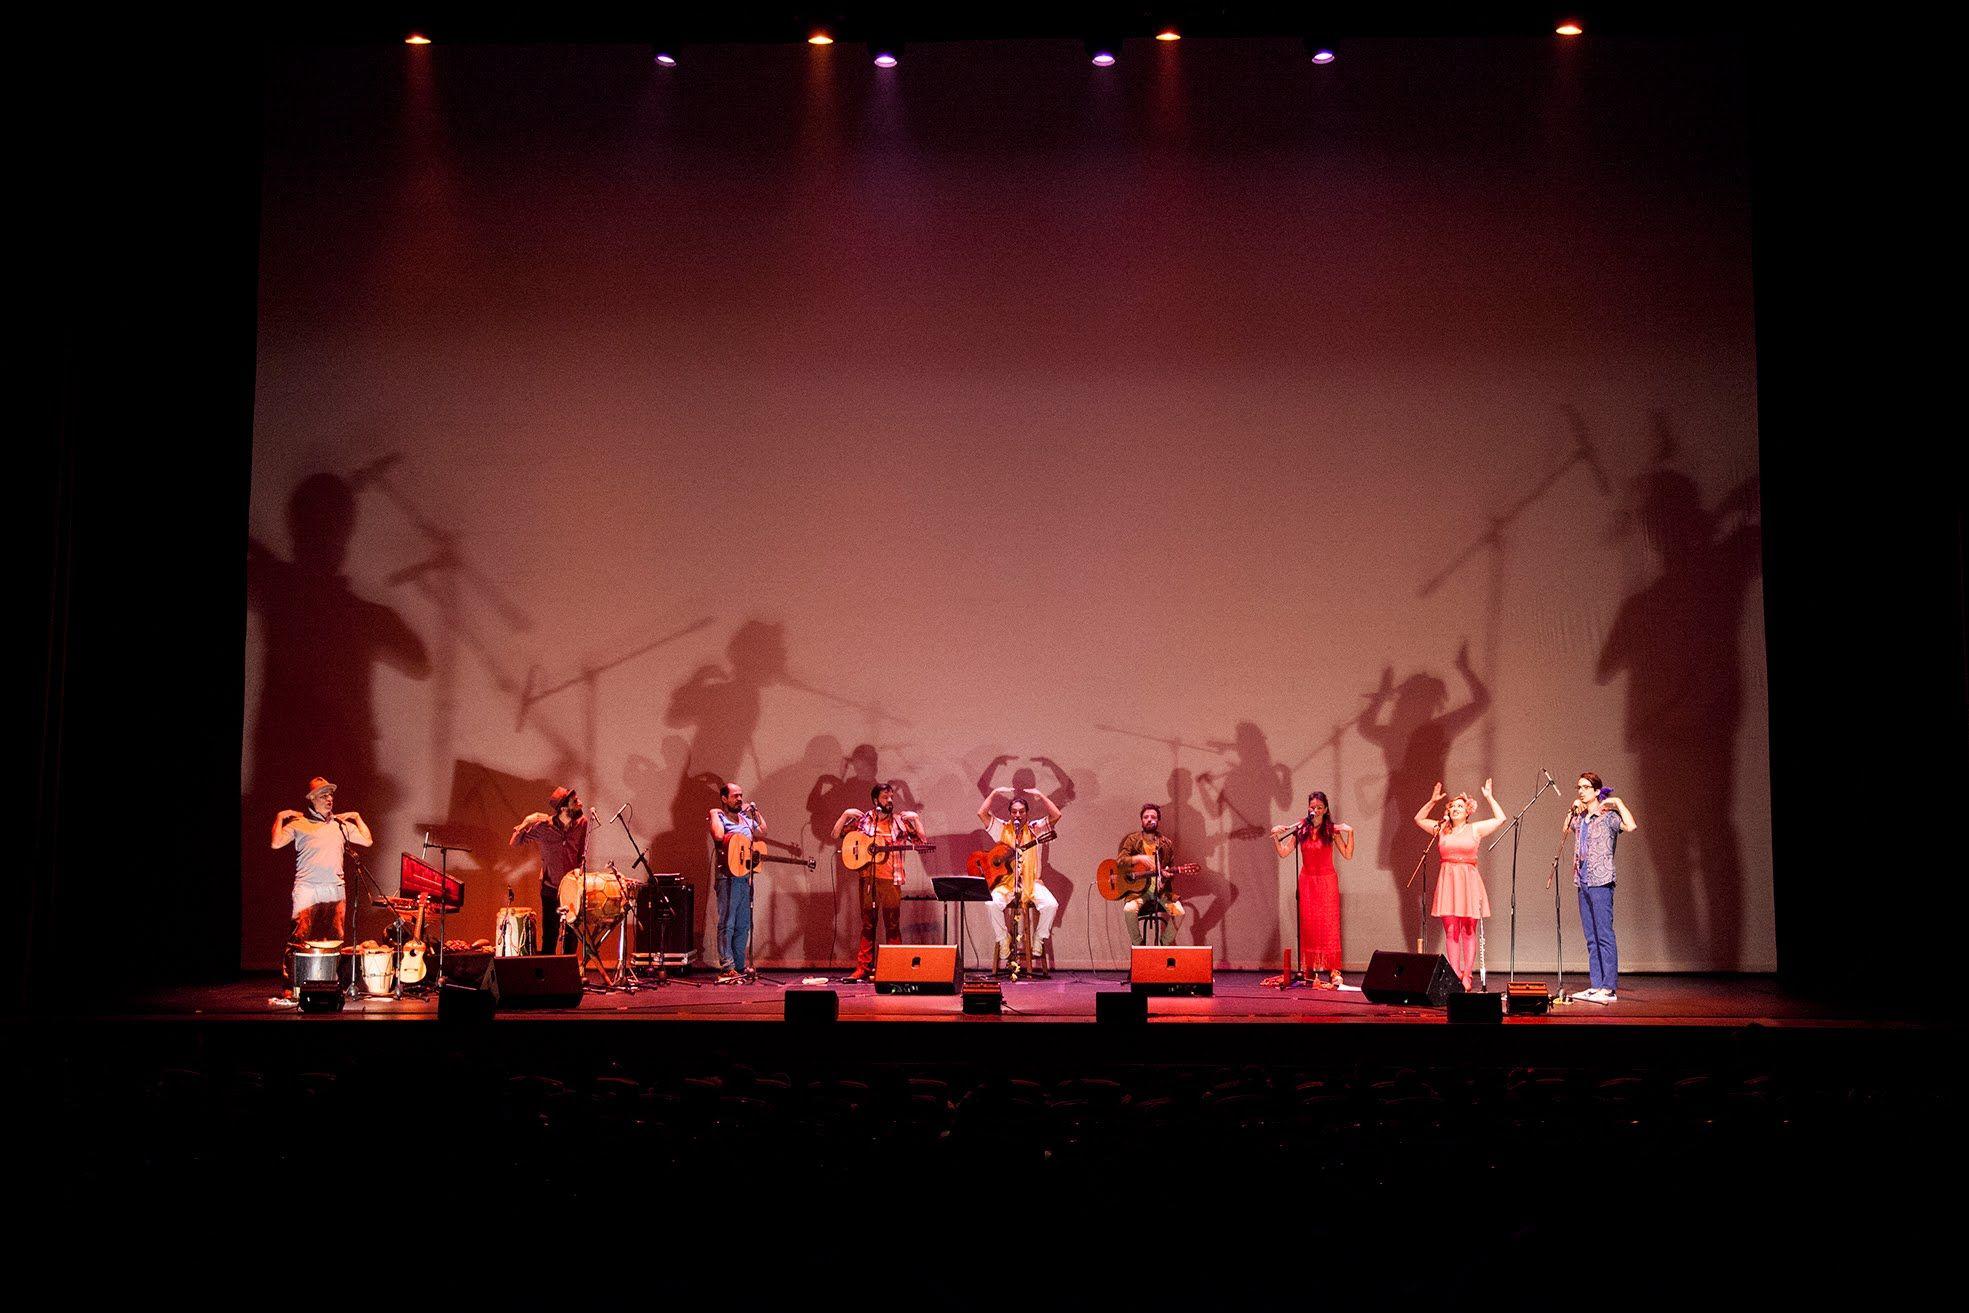 EPK de Todos Podemos Cantar, un proyecto de música para niños de 0 a 100 años dirigido por Jairo Ojeda quien hace más de dos décadas se desempeña como maest...